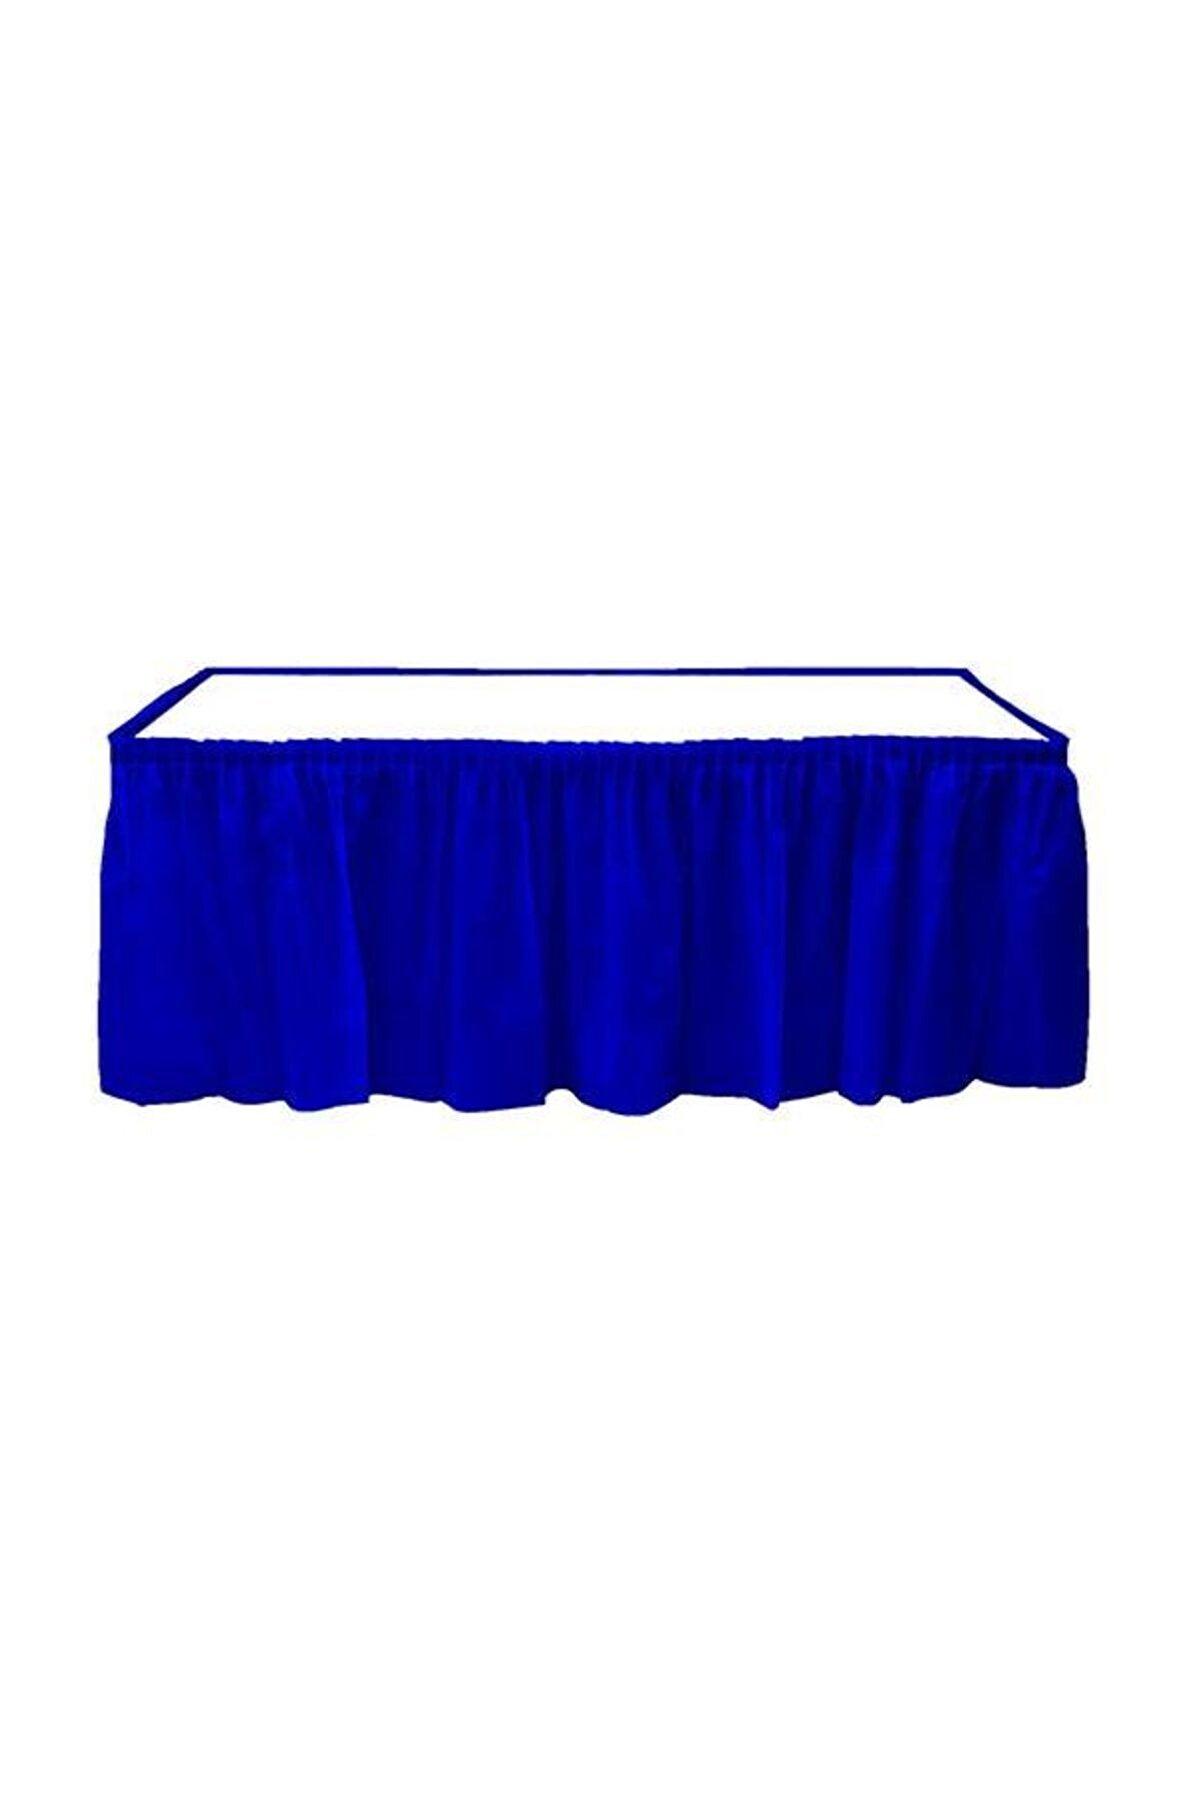 Kikajoy Lacivert Plastik Masa Eteği 75x426 cm